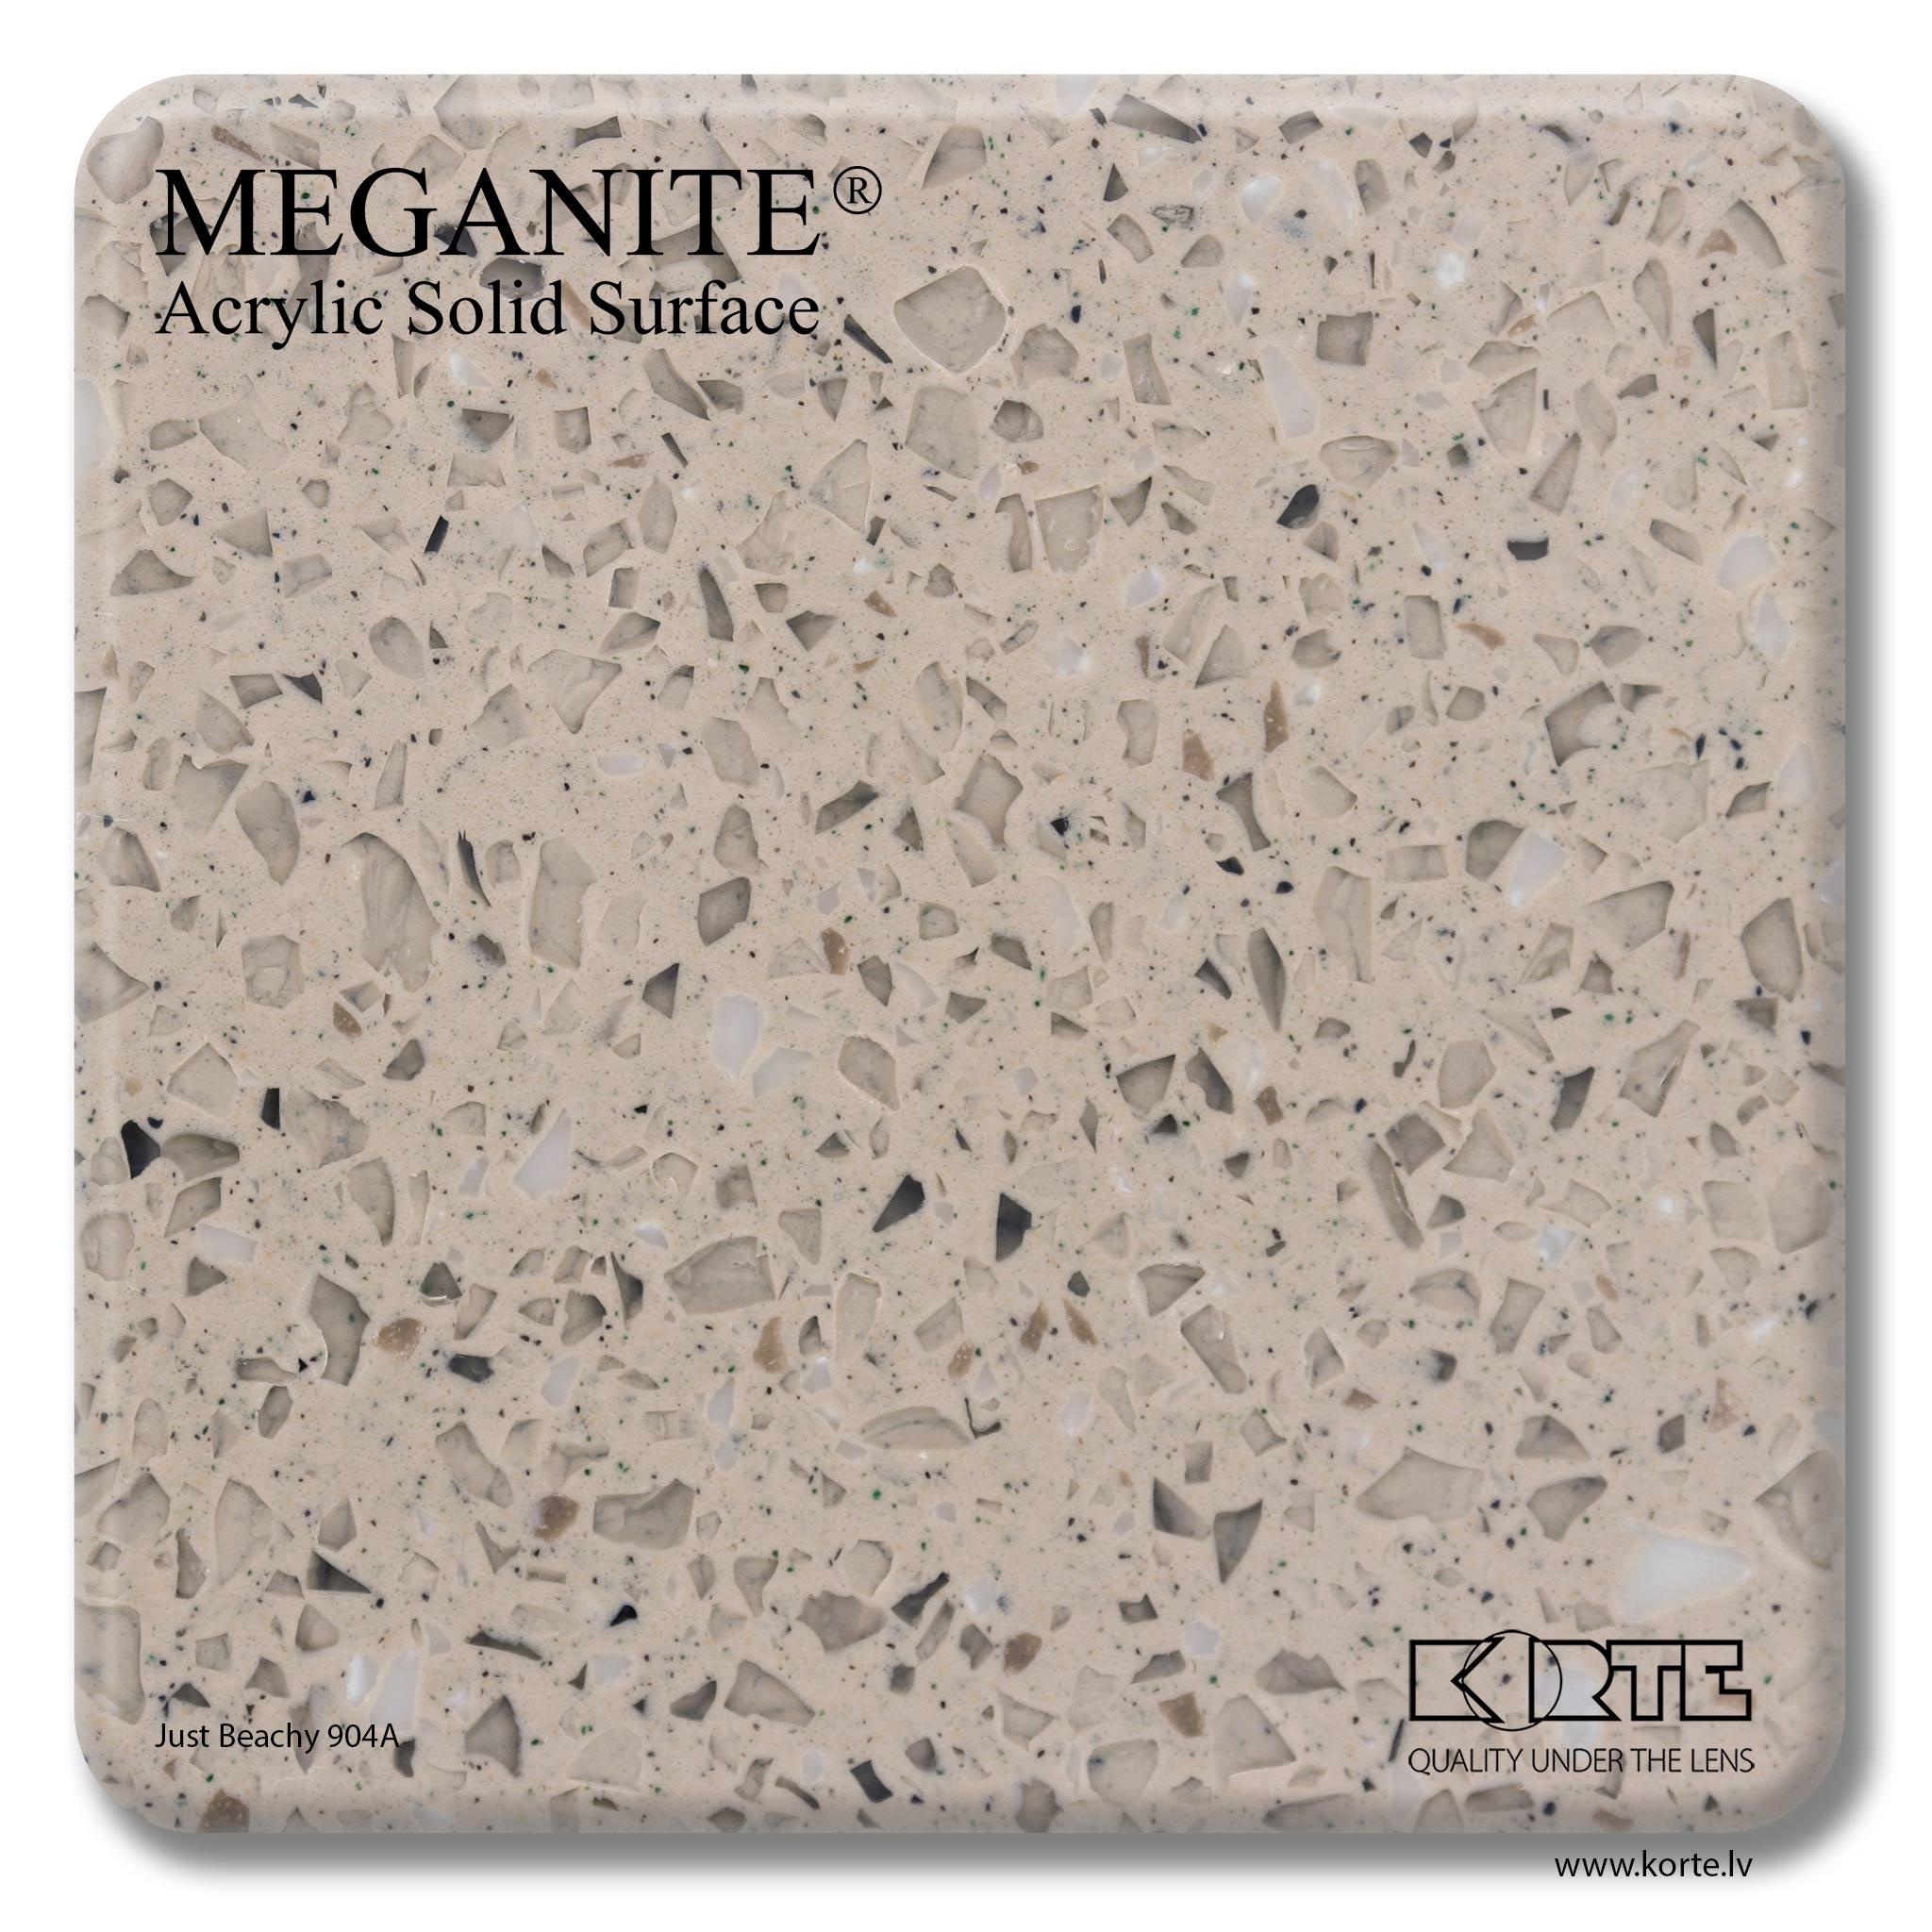 Meganite Just Beachy 904A